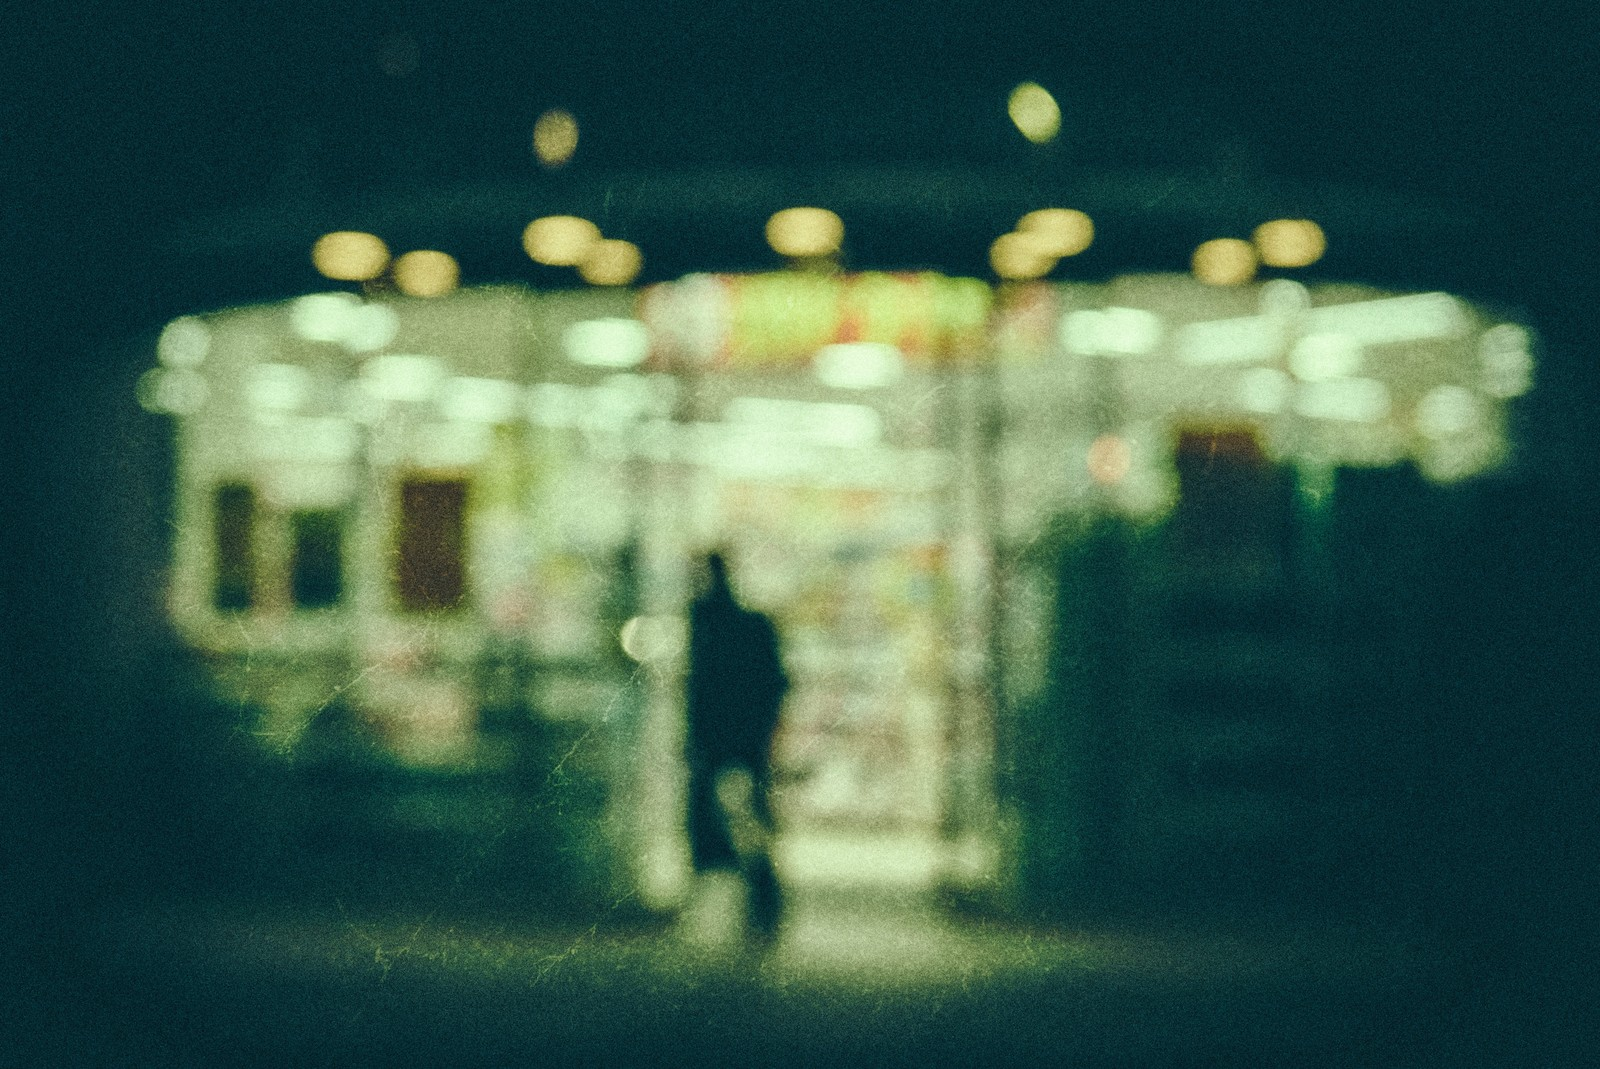 「深夜のコンビニ(ノイズ)」の写真